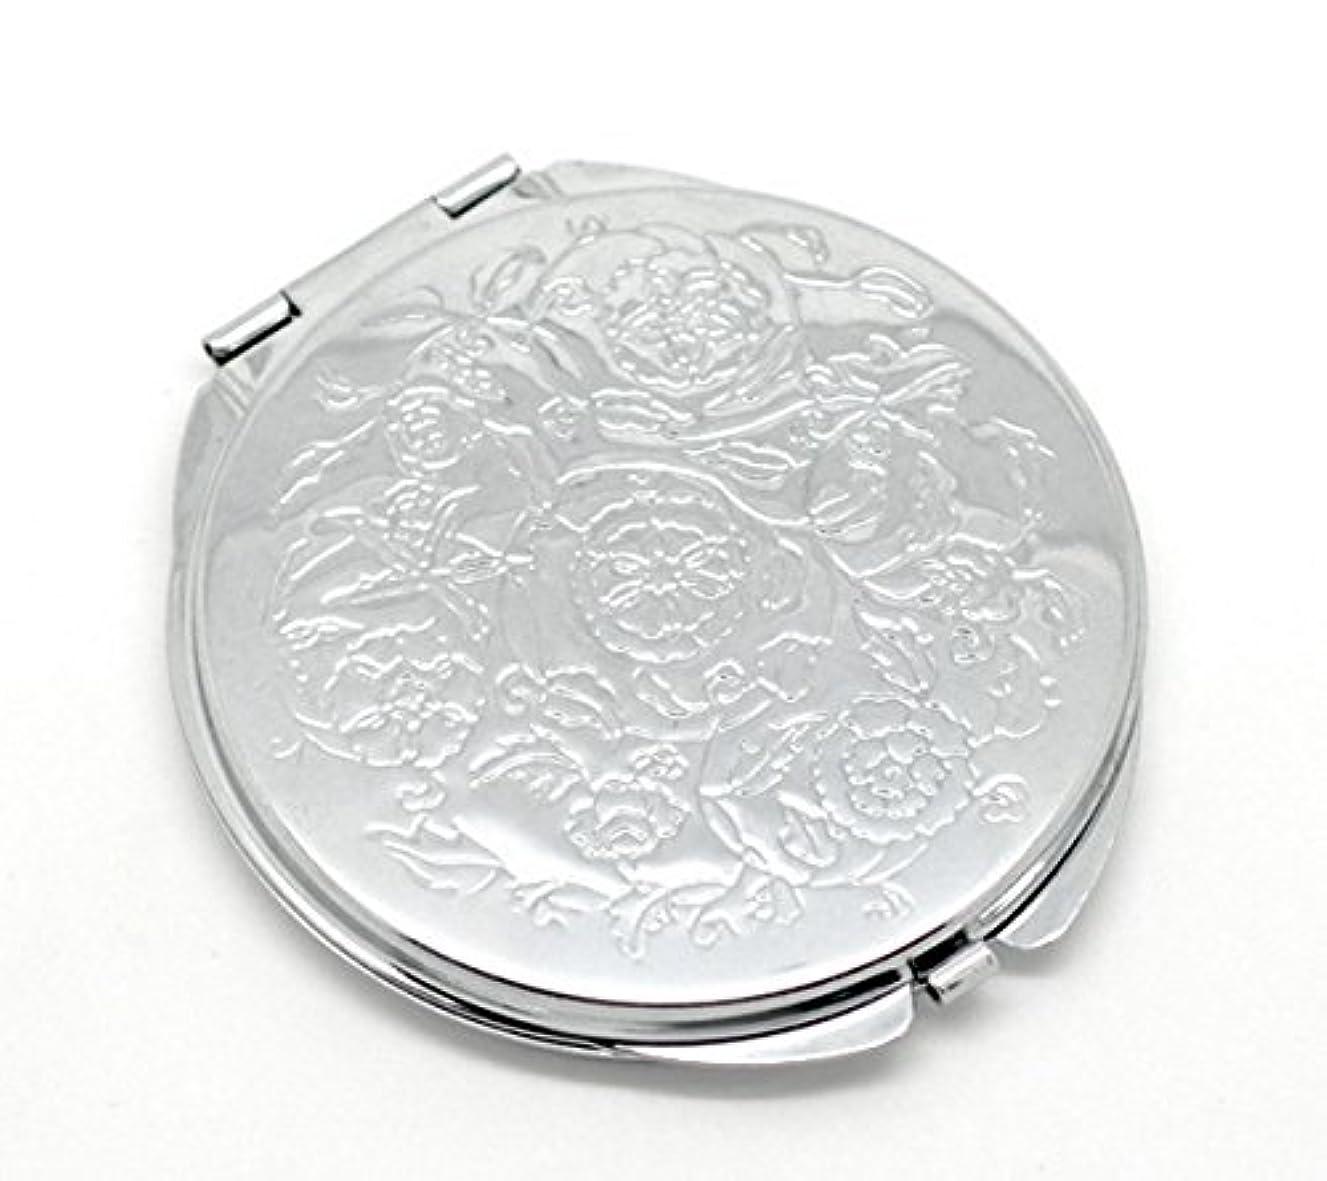 対象とにかく南極HOUSWEETY 無地コンパクトミラー プチ手鏡 ハンドミラー 携帯ミラー 丸型 化粧箱入り 折りたたみ おしゃれ レディース 小物 (デザインC)